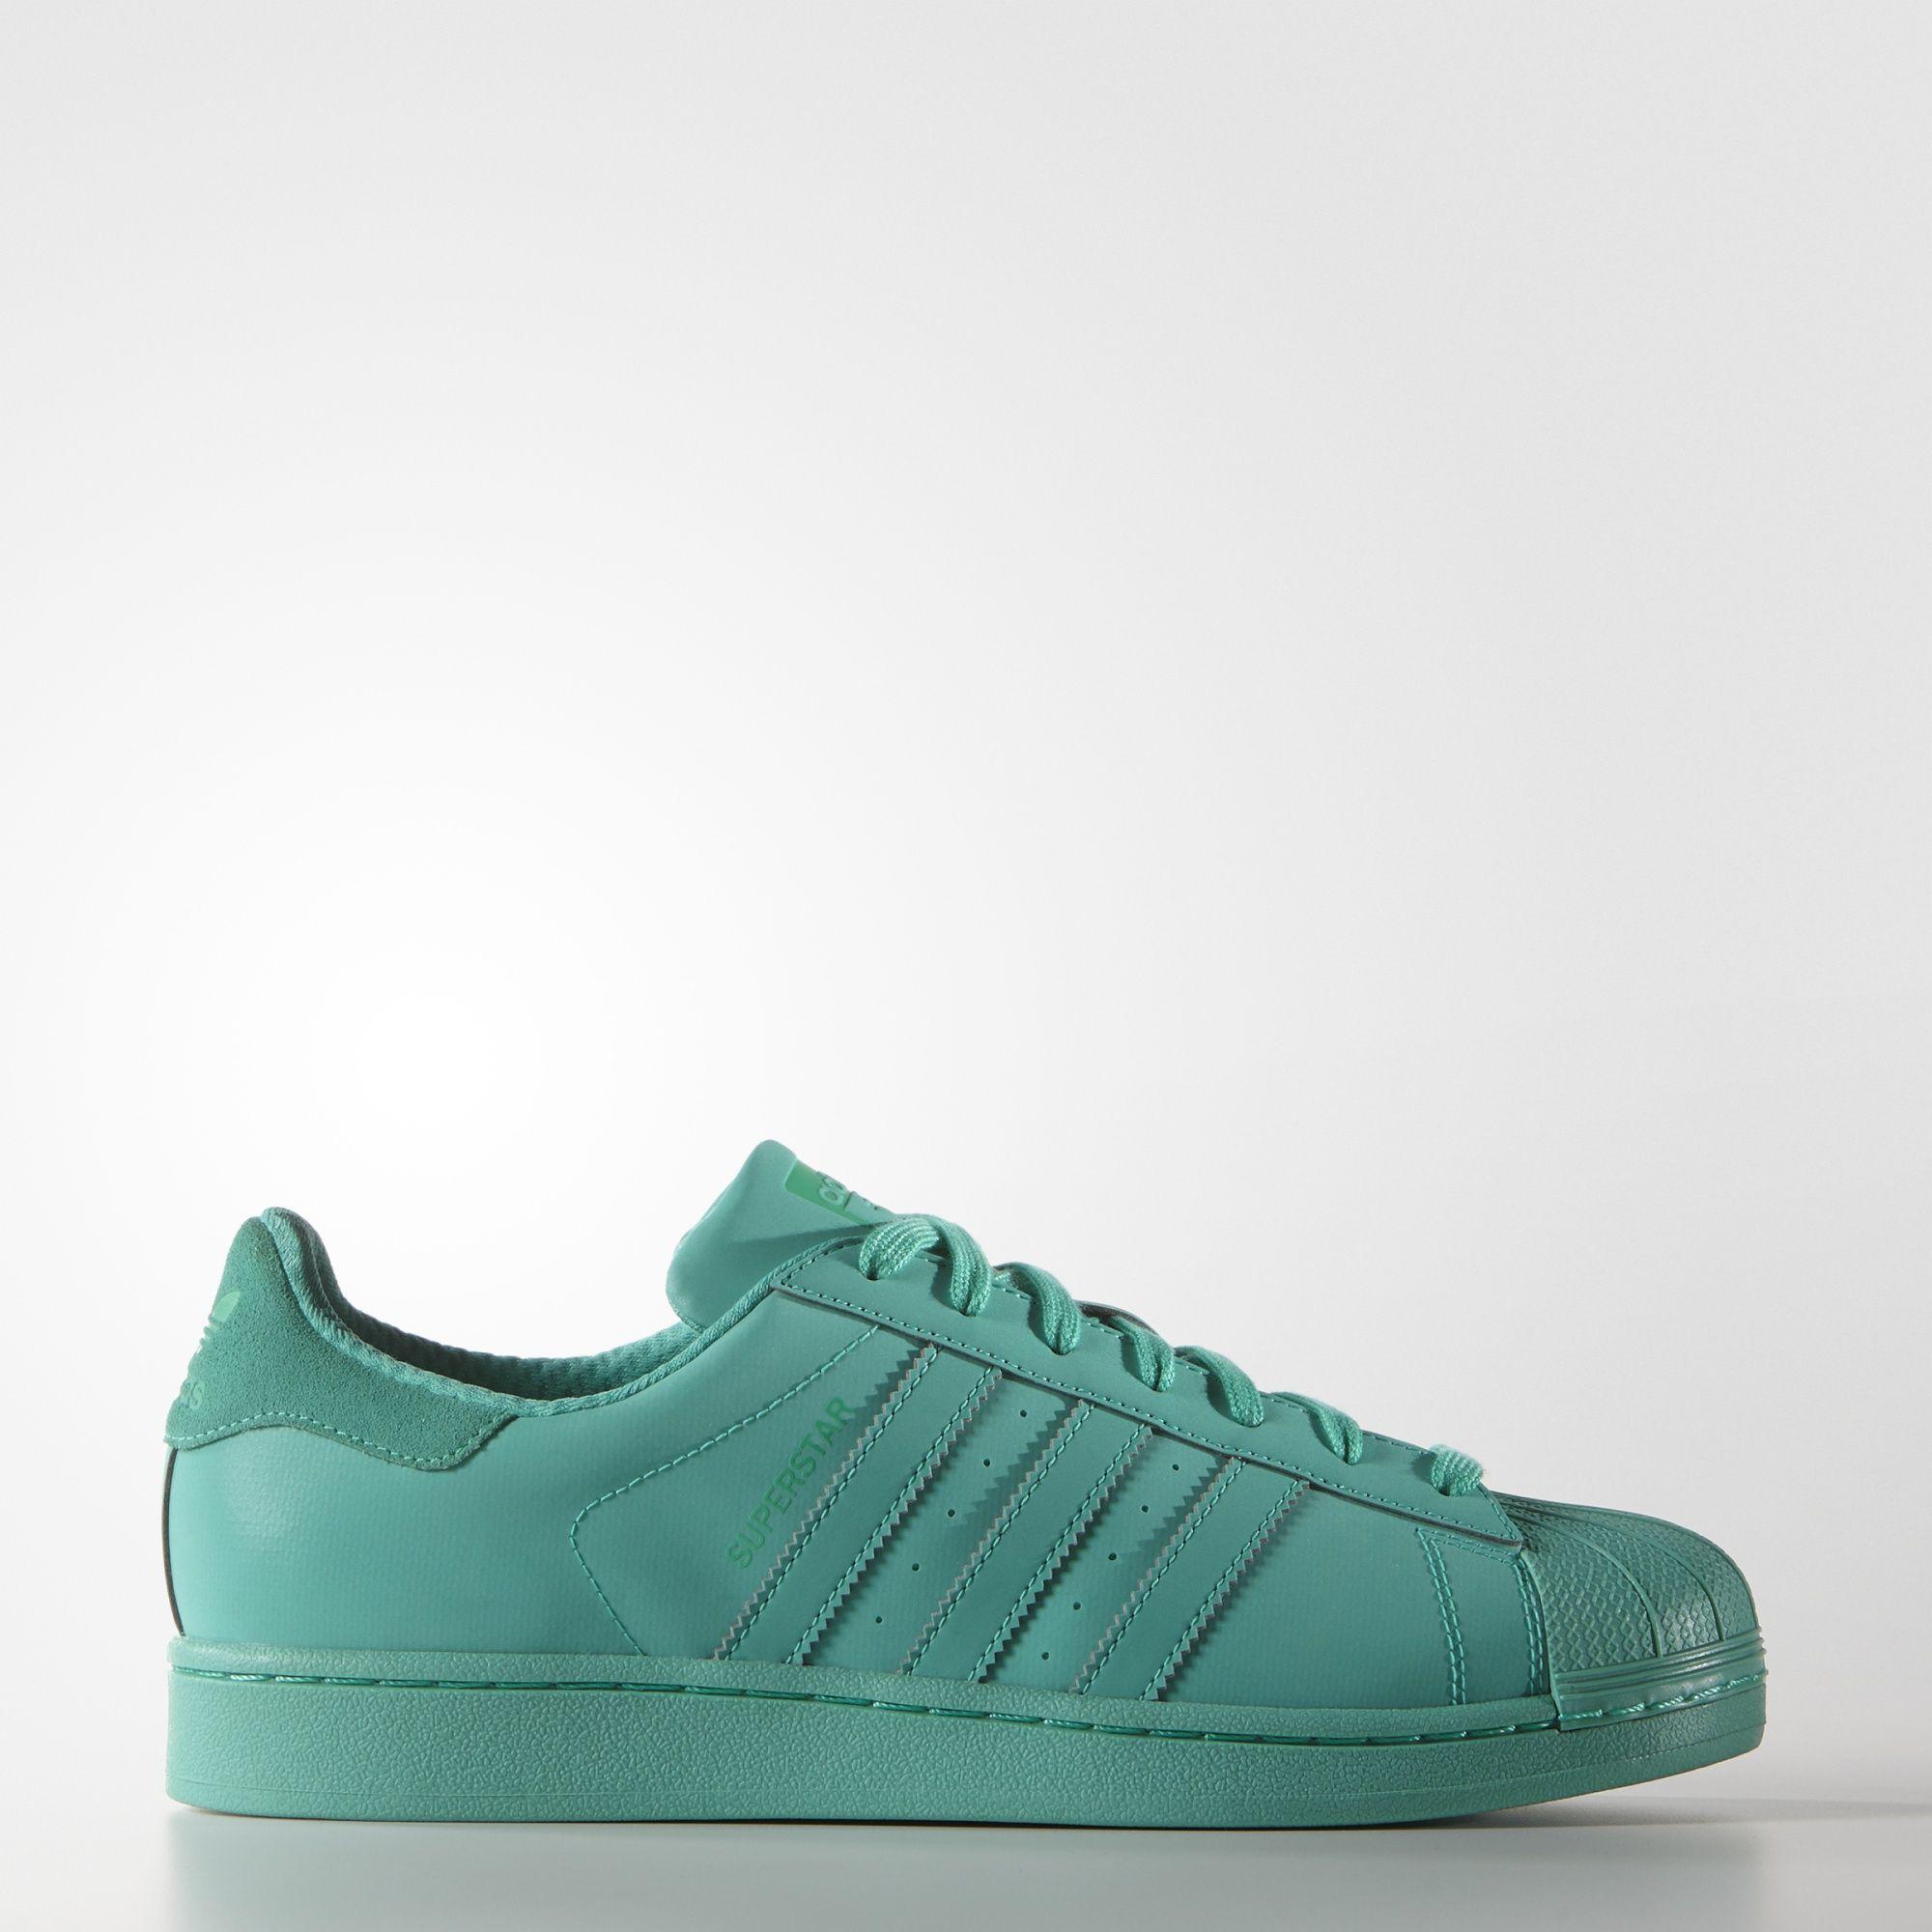 Das legendäre Design des Adidas Superstar Sneakers gibt es